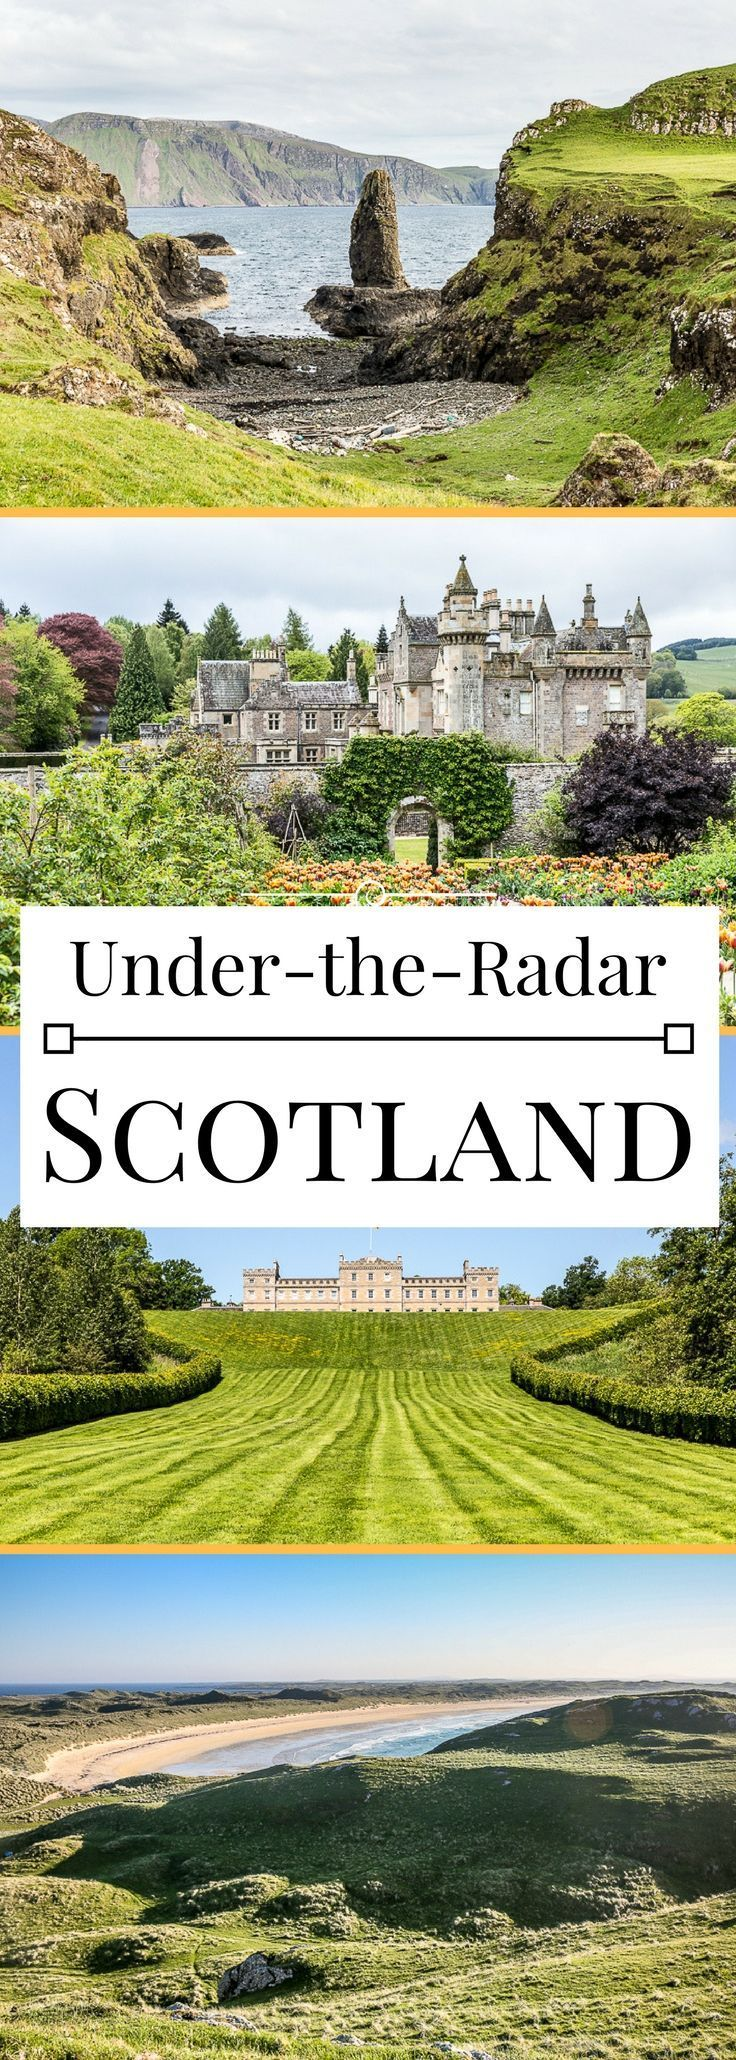 5 posti sotto il radar in Scozia, dai castelli alle isole.